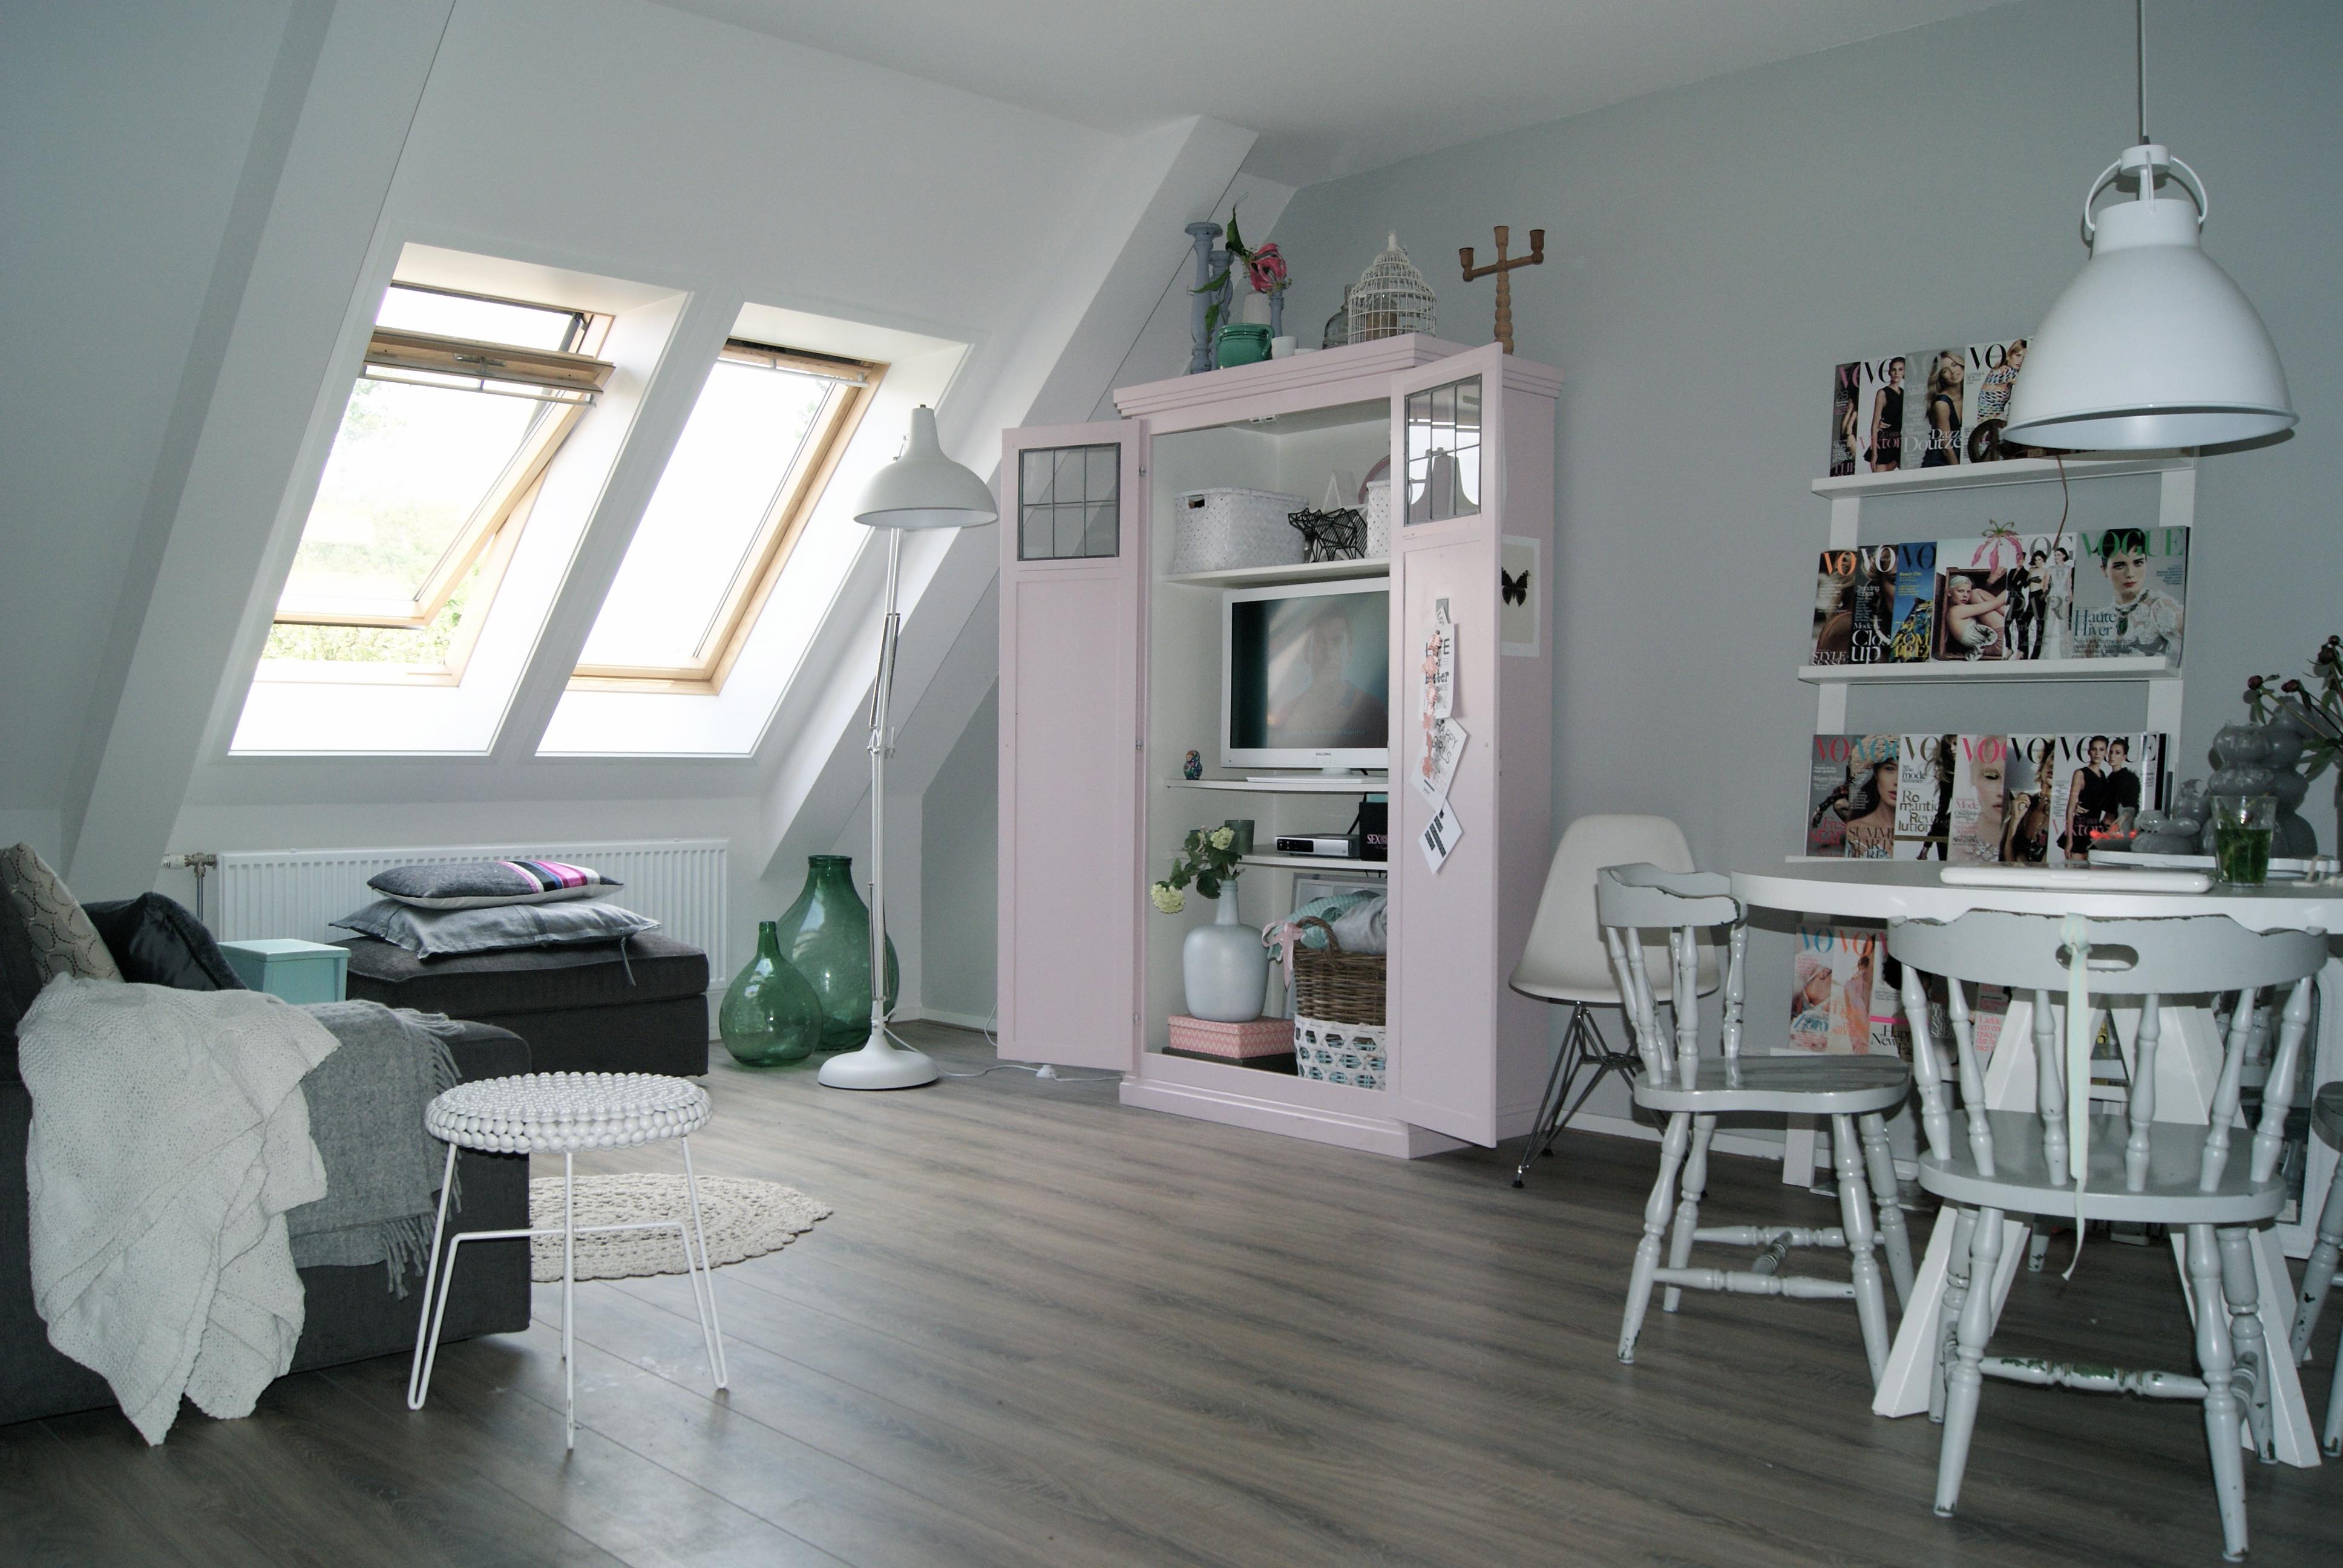 Yvet, stylist van o.a. Eigen Huis & Tuin - Inspiratie voor je interieur